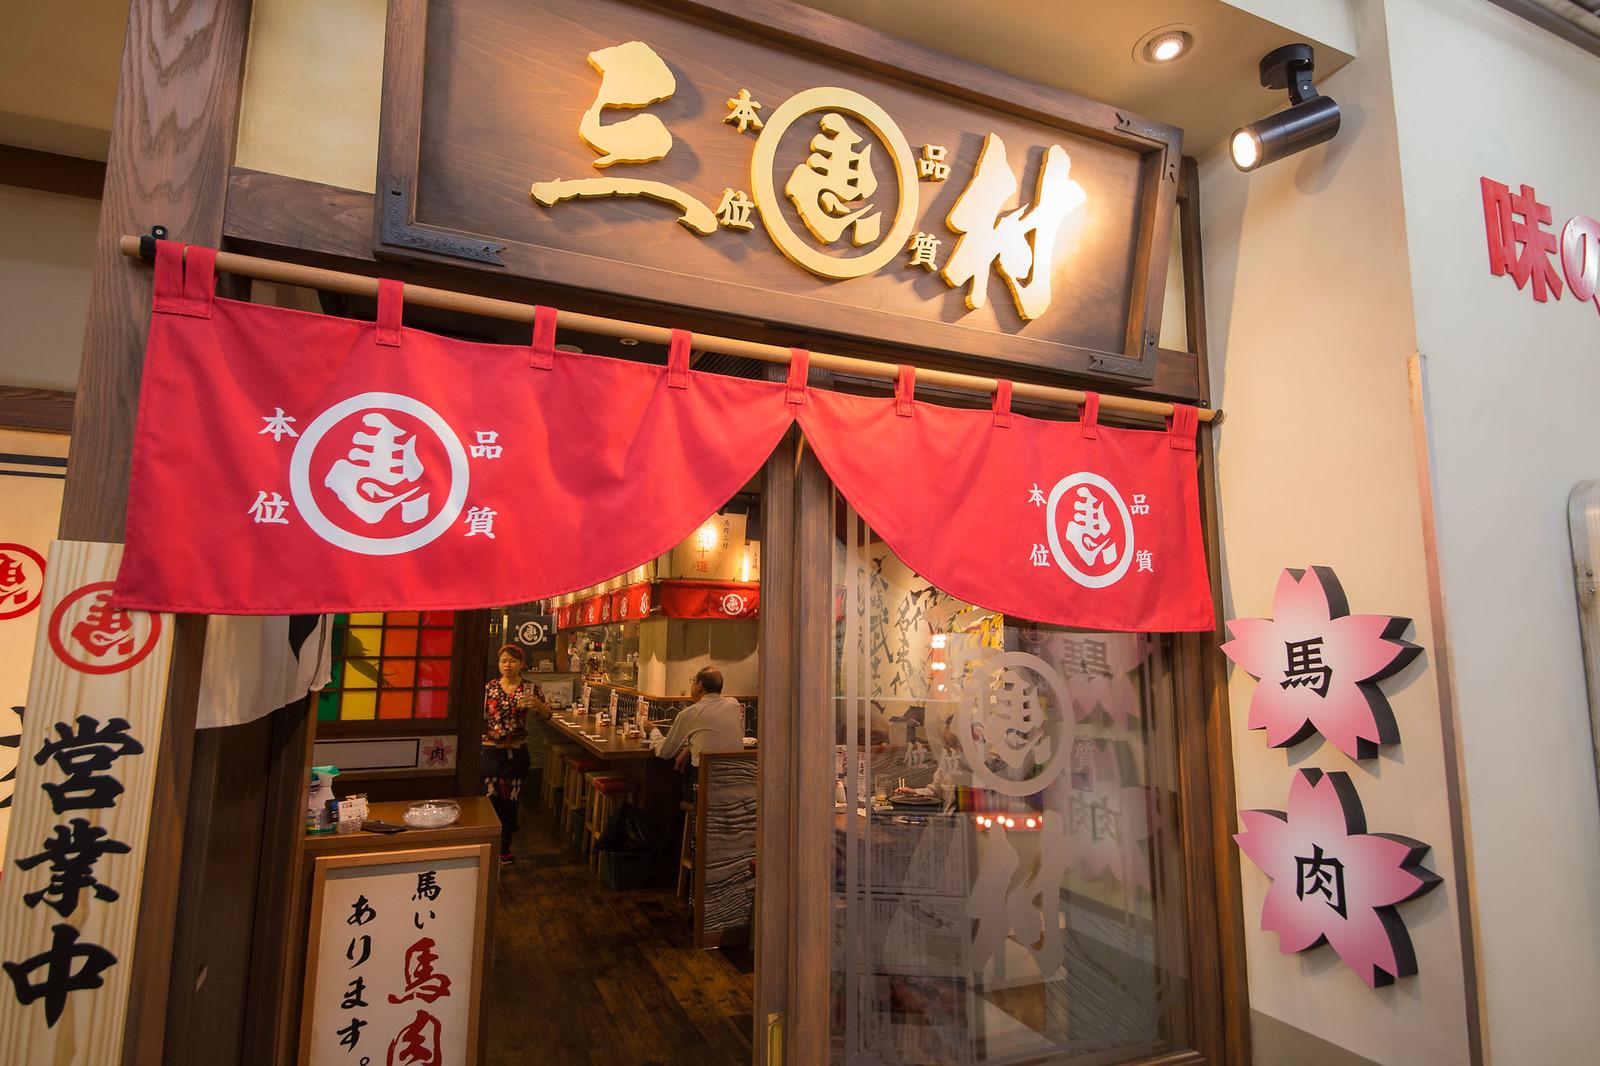 Shinjuku_meiten_yokocho-21